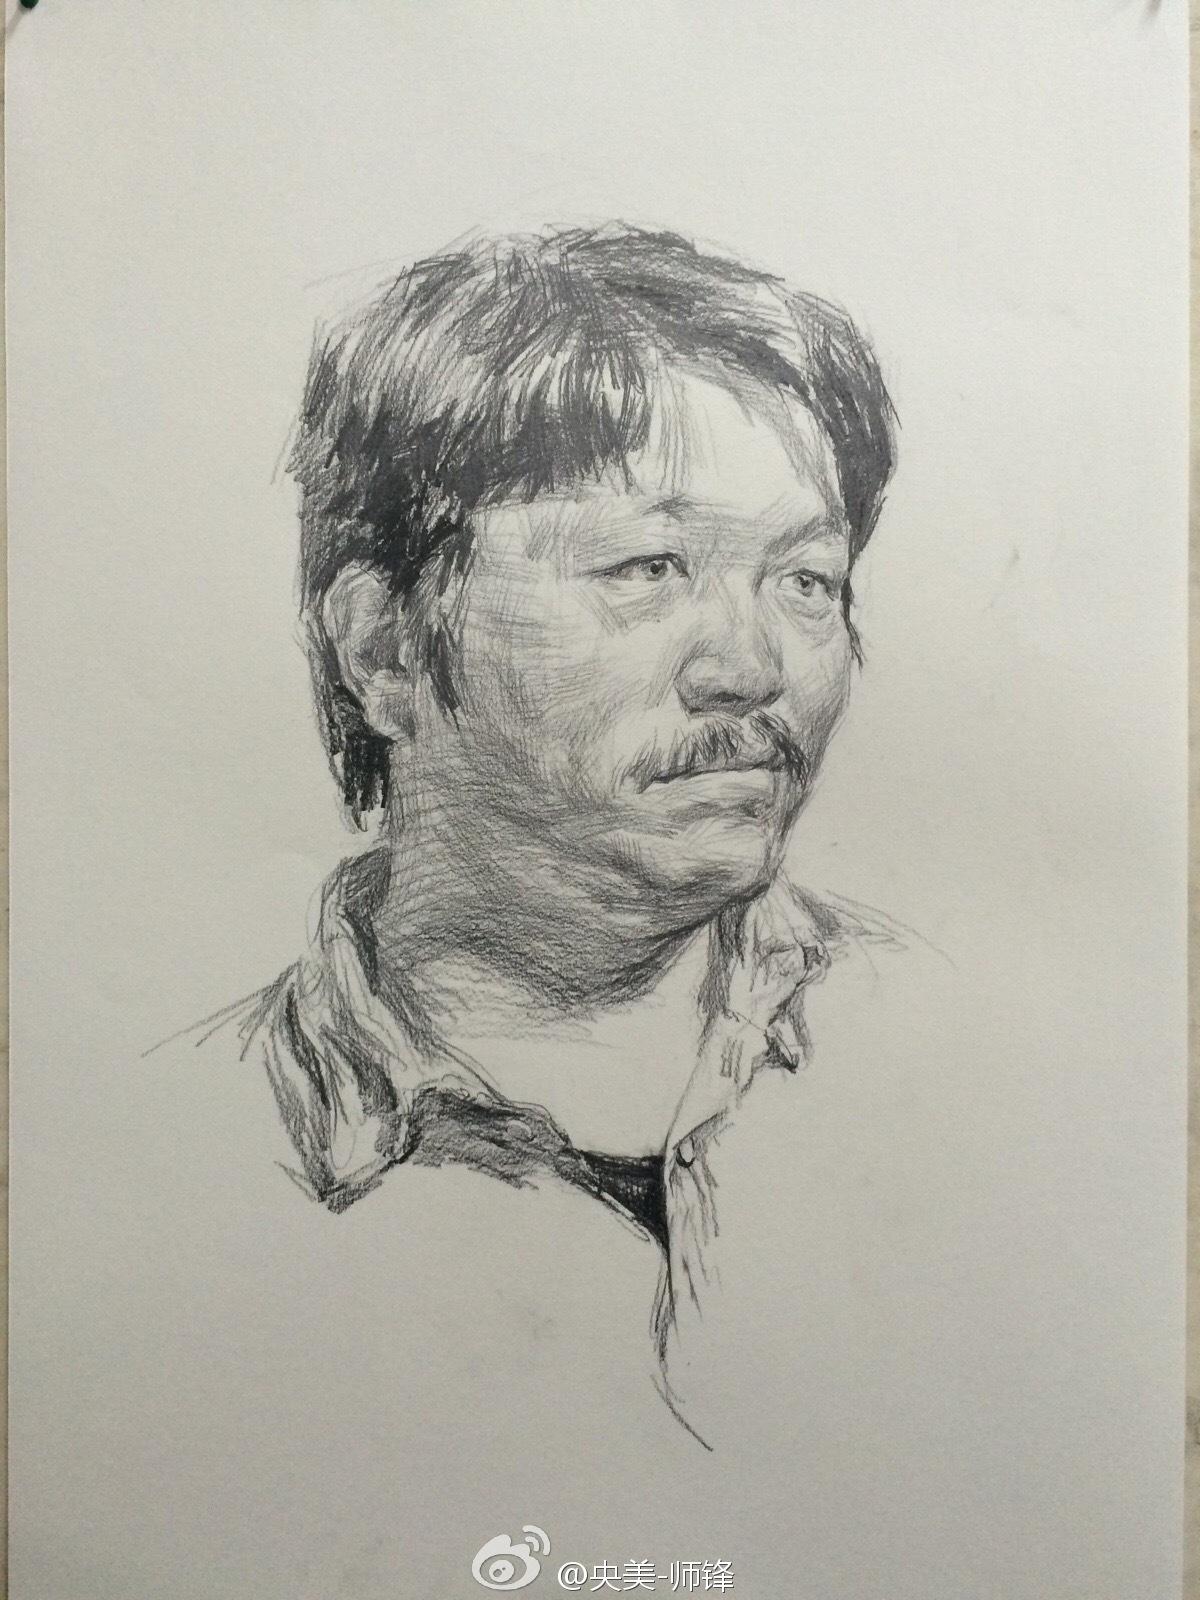 央美师锋中年男子素描头像作画步骤(3)